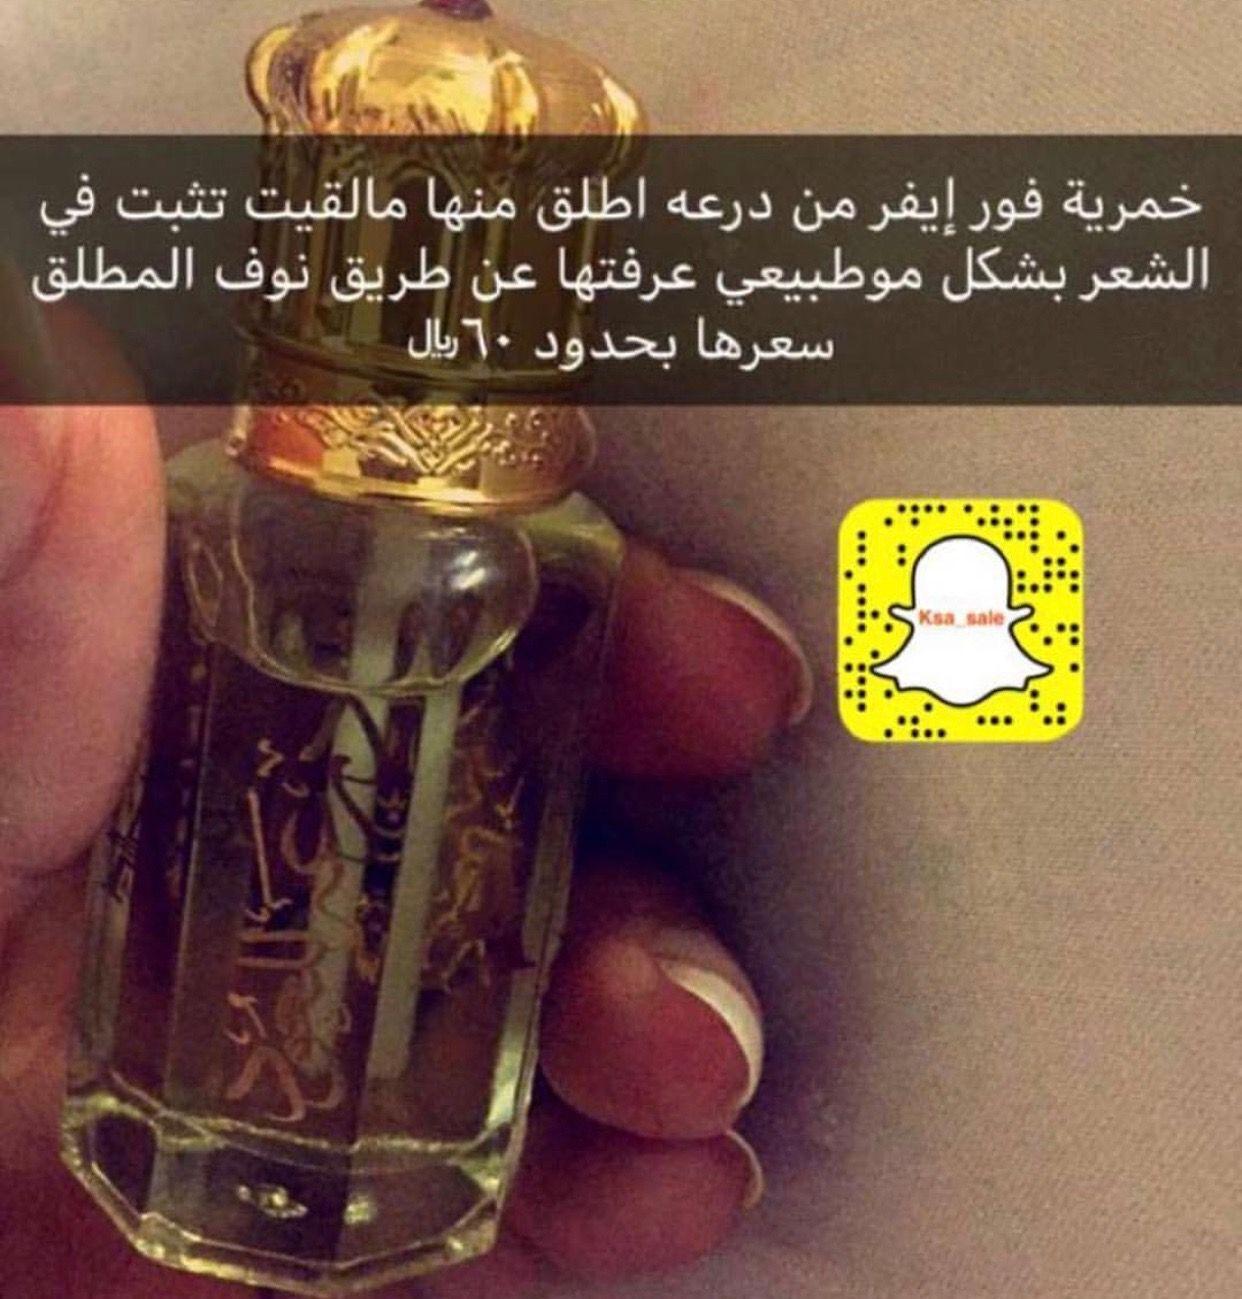 خمرية Forever من درعه للشعر تثبت بشكل كبير Perfume Scents Perfume Samples Perfume Lover